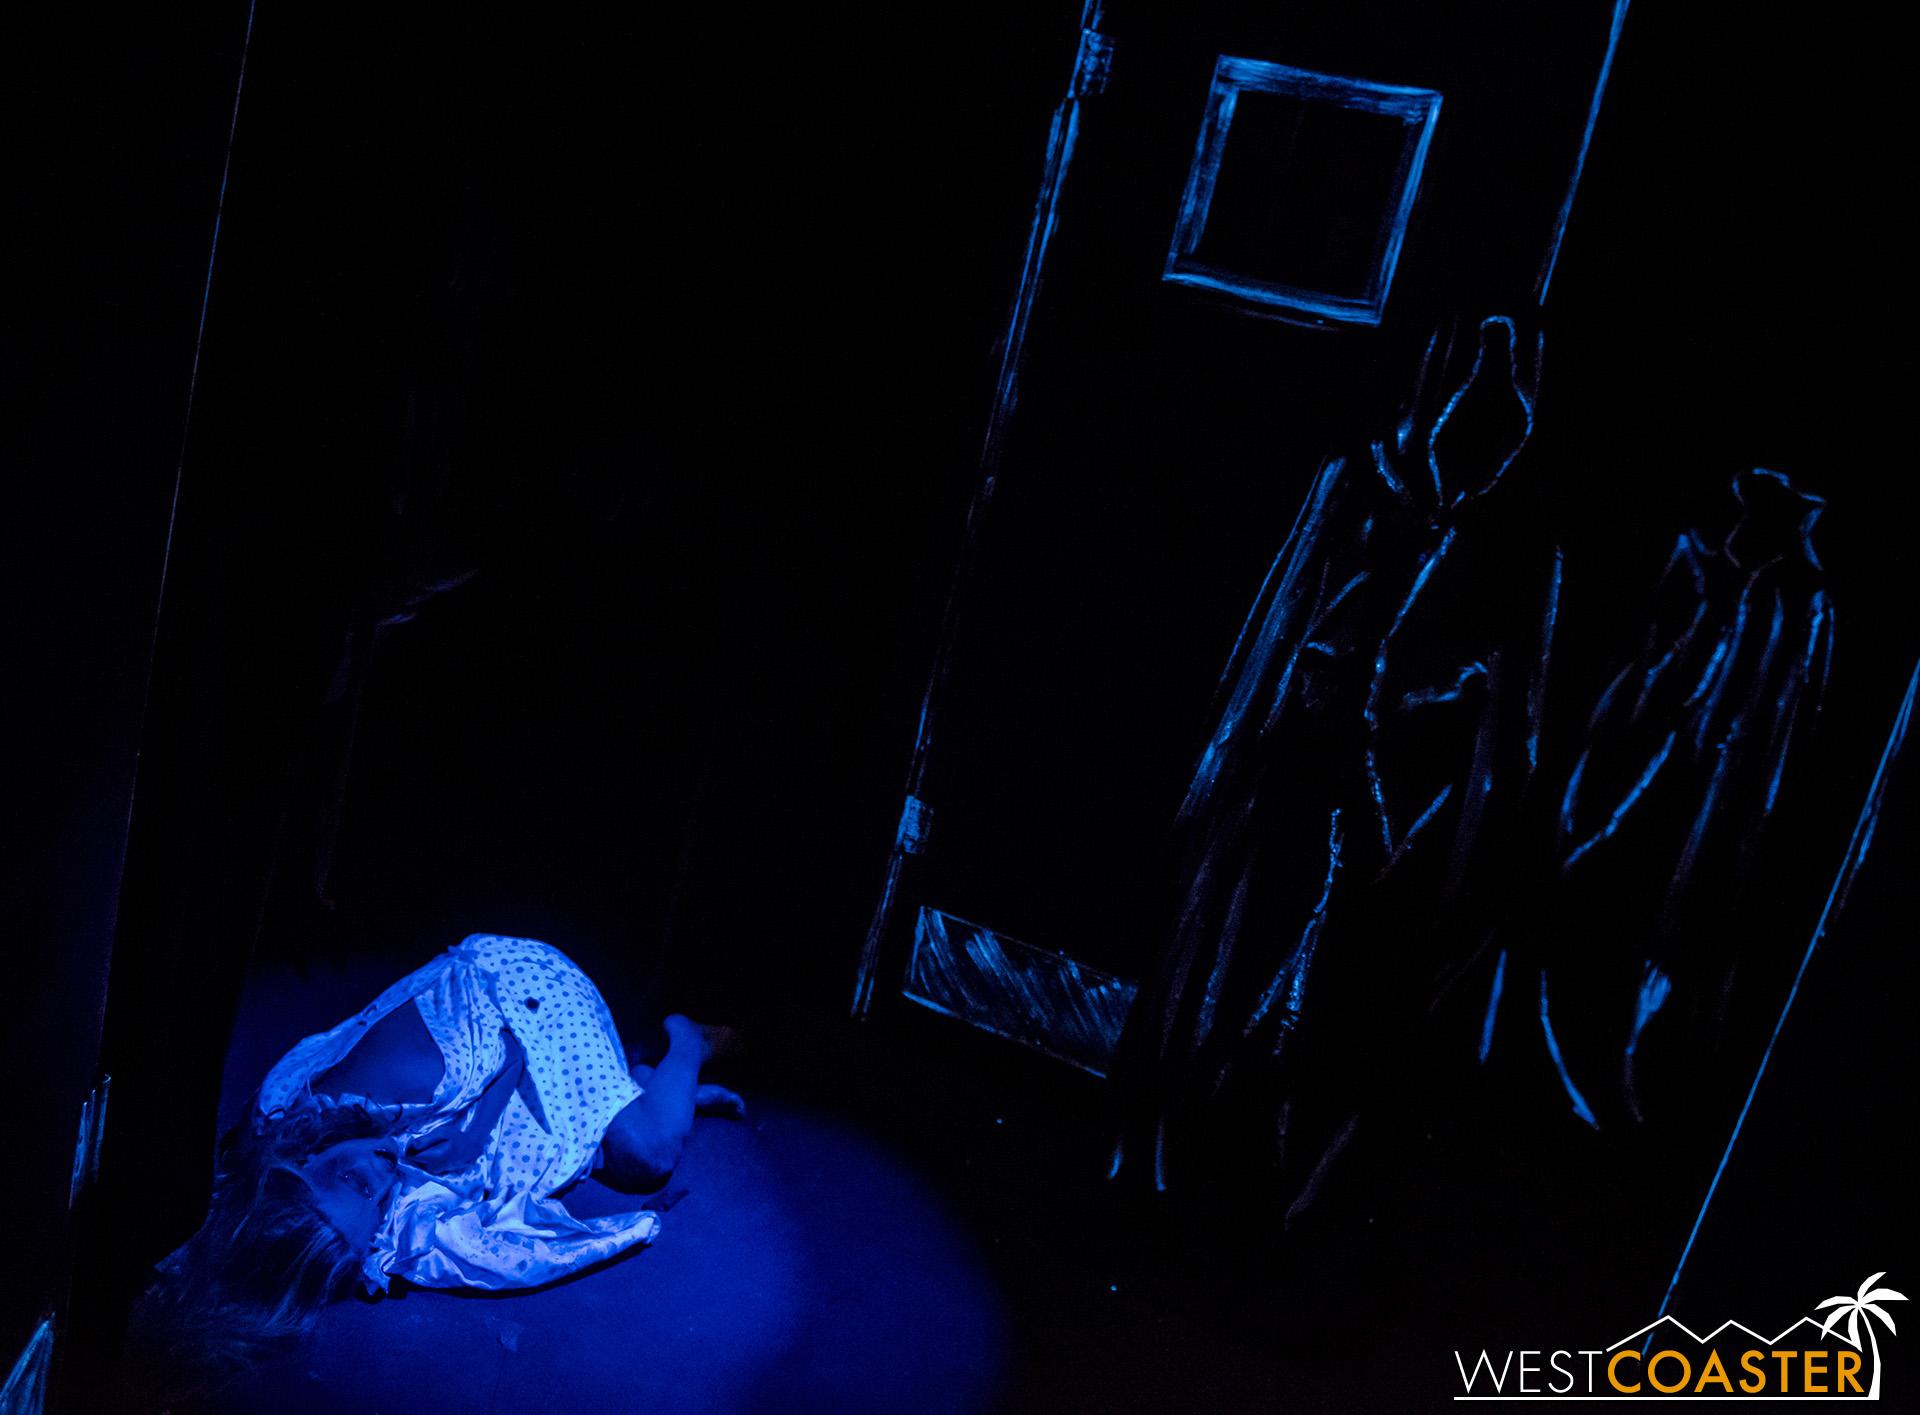 KSF-18_0925-C-Paranormal-0018.jpg